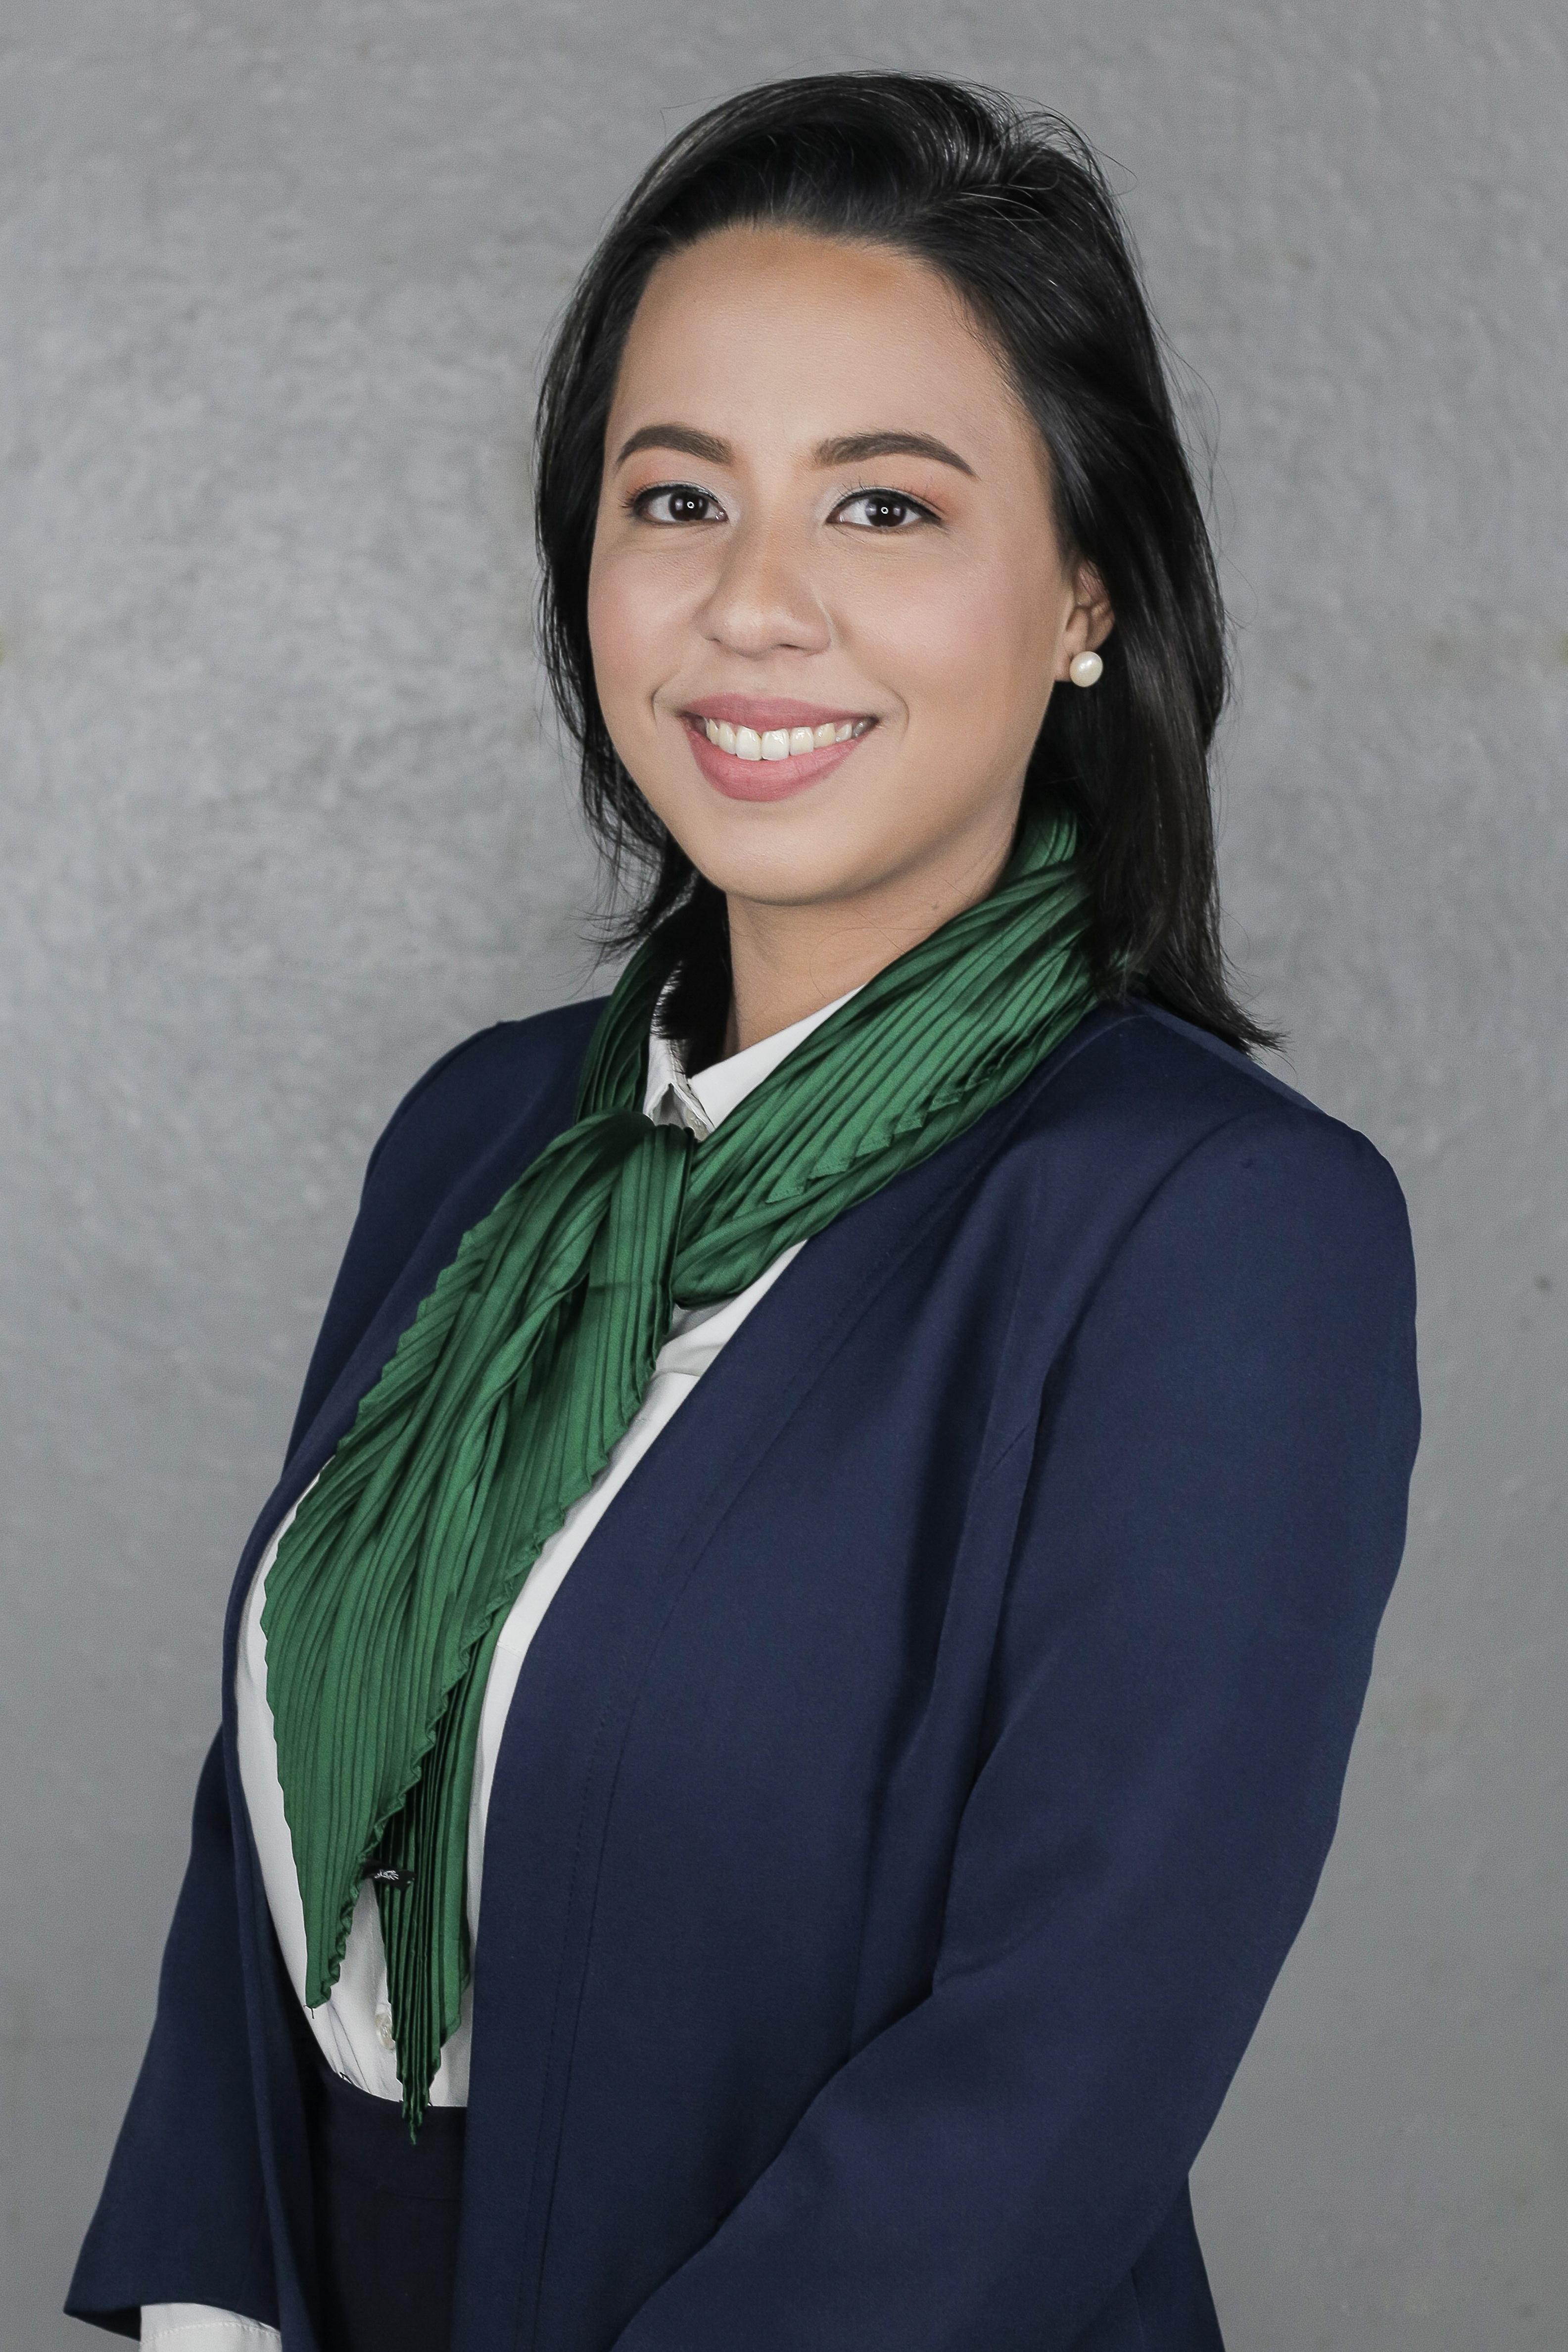 Paula Nicole Q. Prado